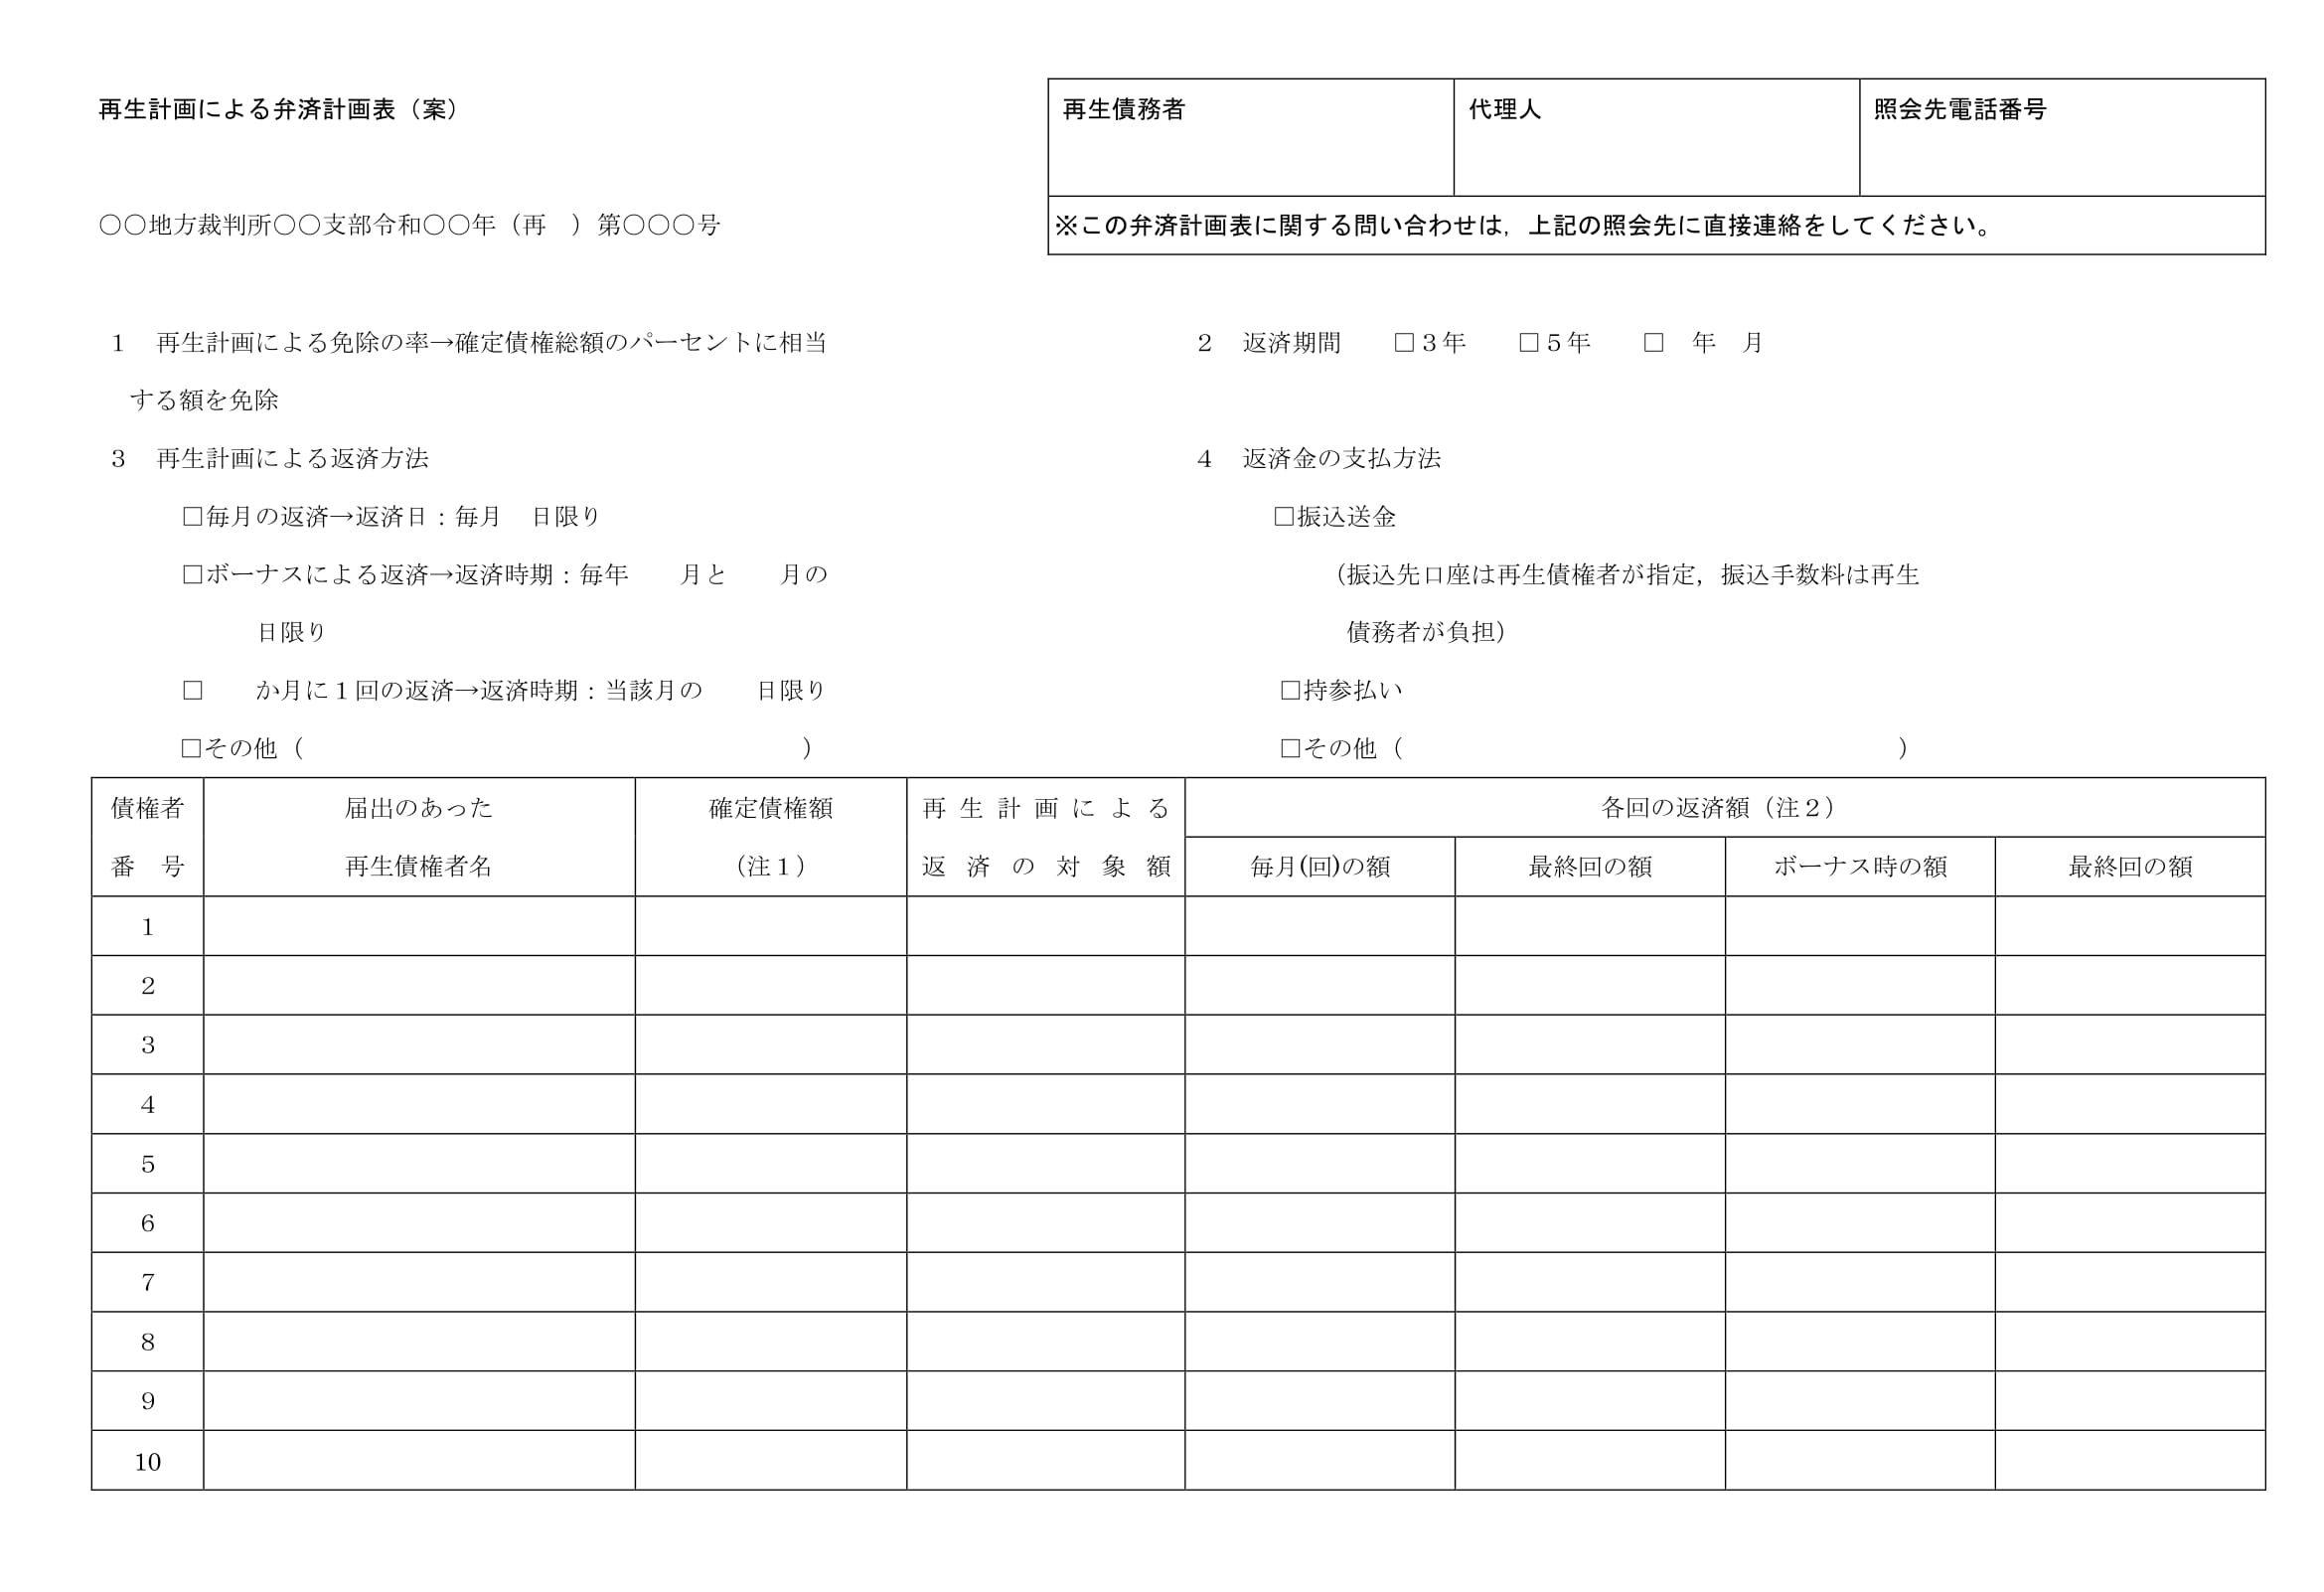 会員登録不要で無料でダウンロードできる再生計画案04-3のテンプレート書式